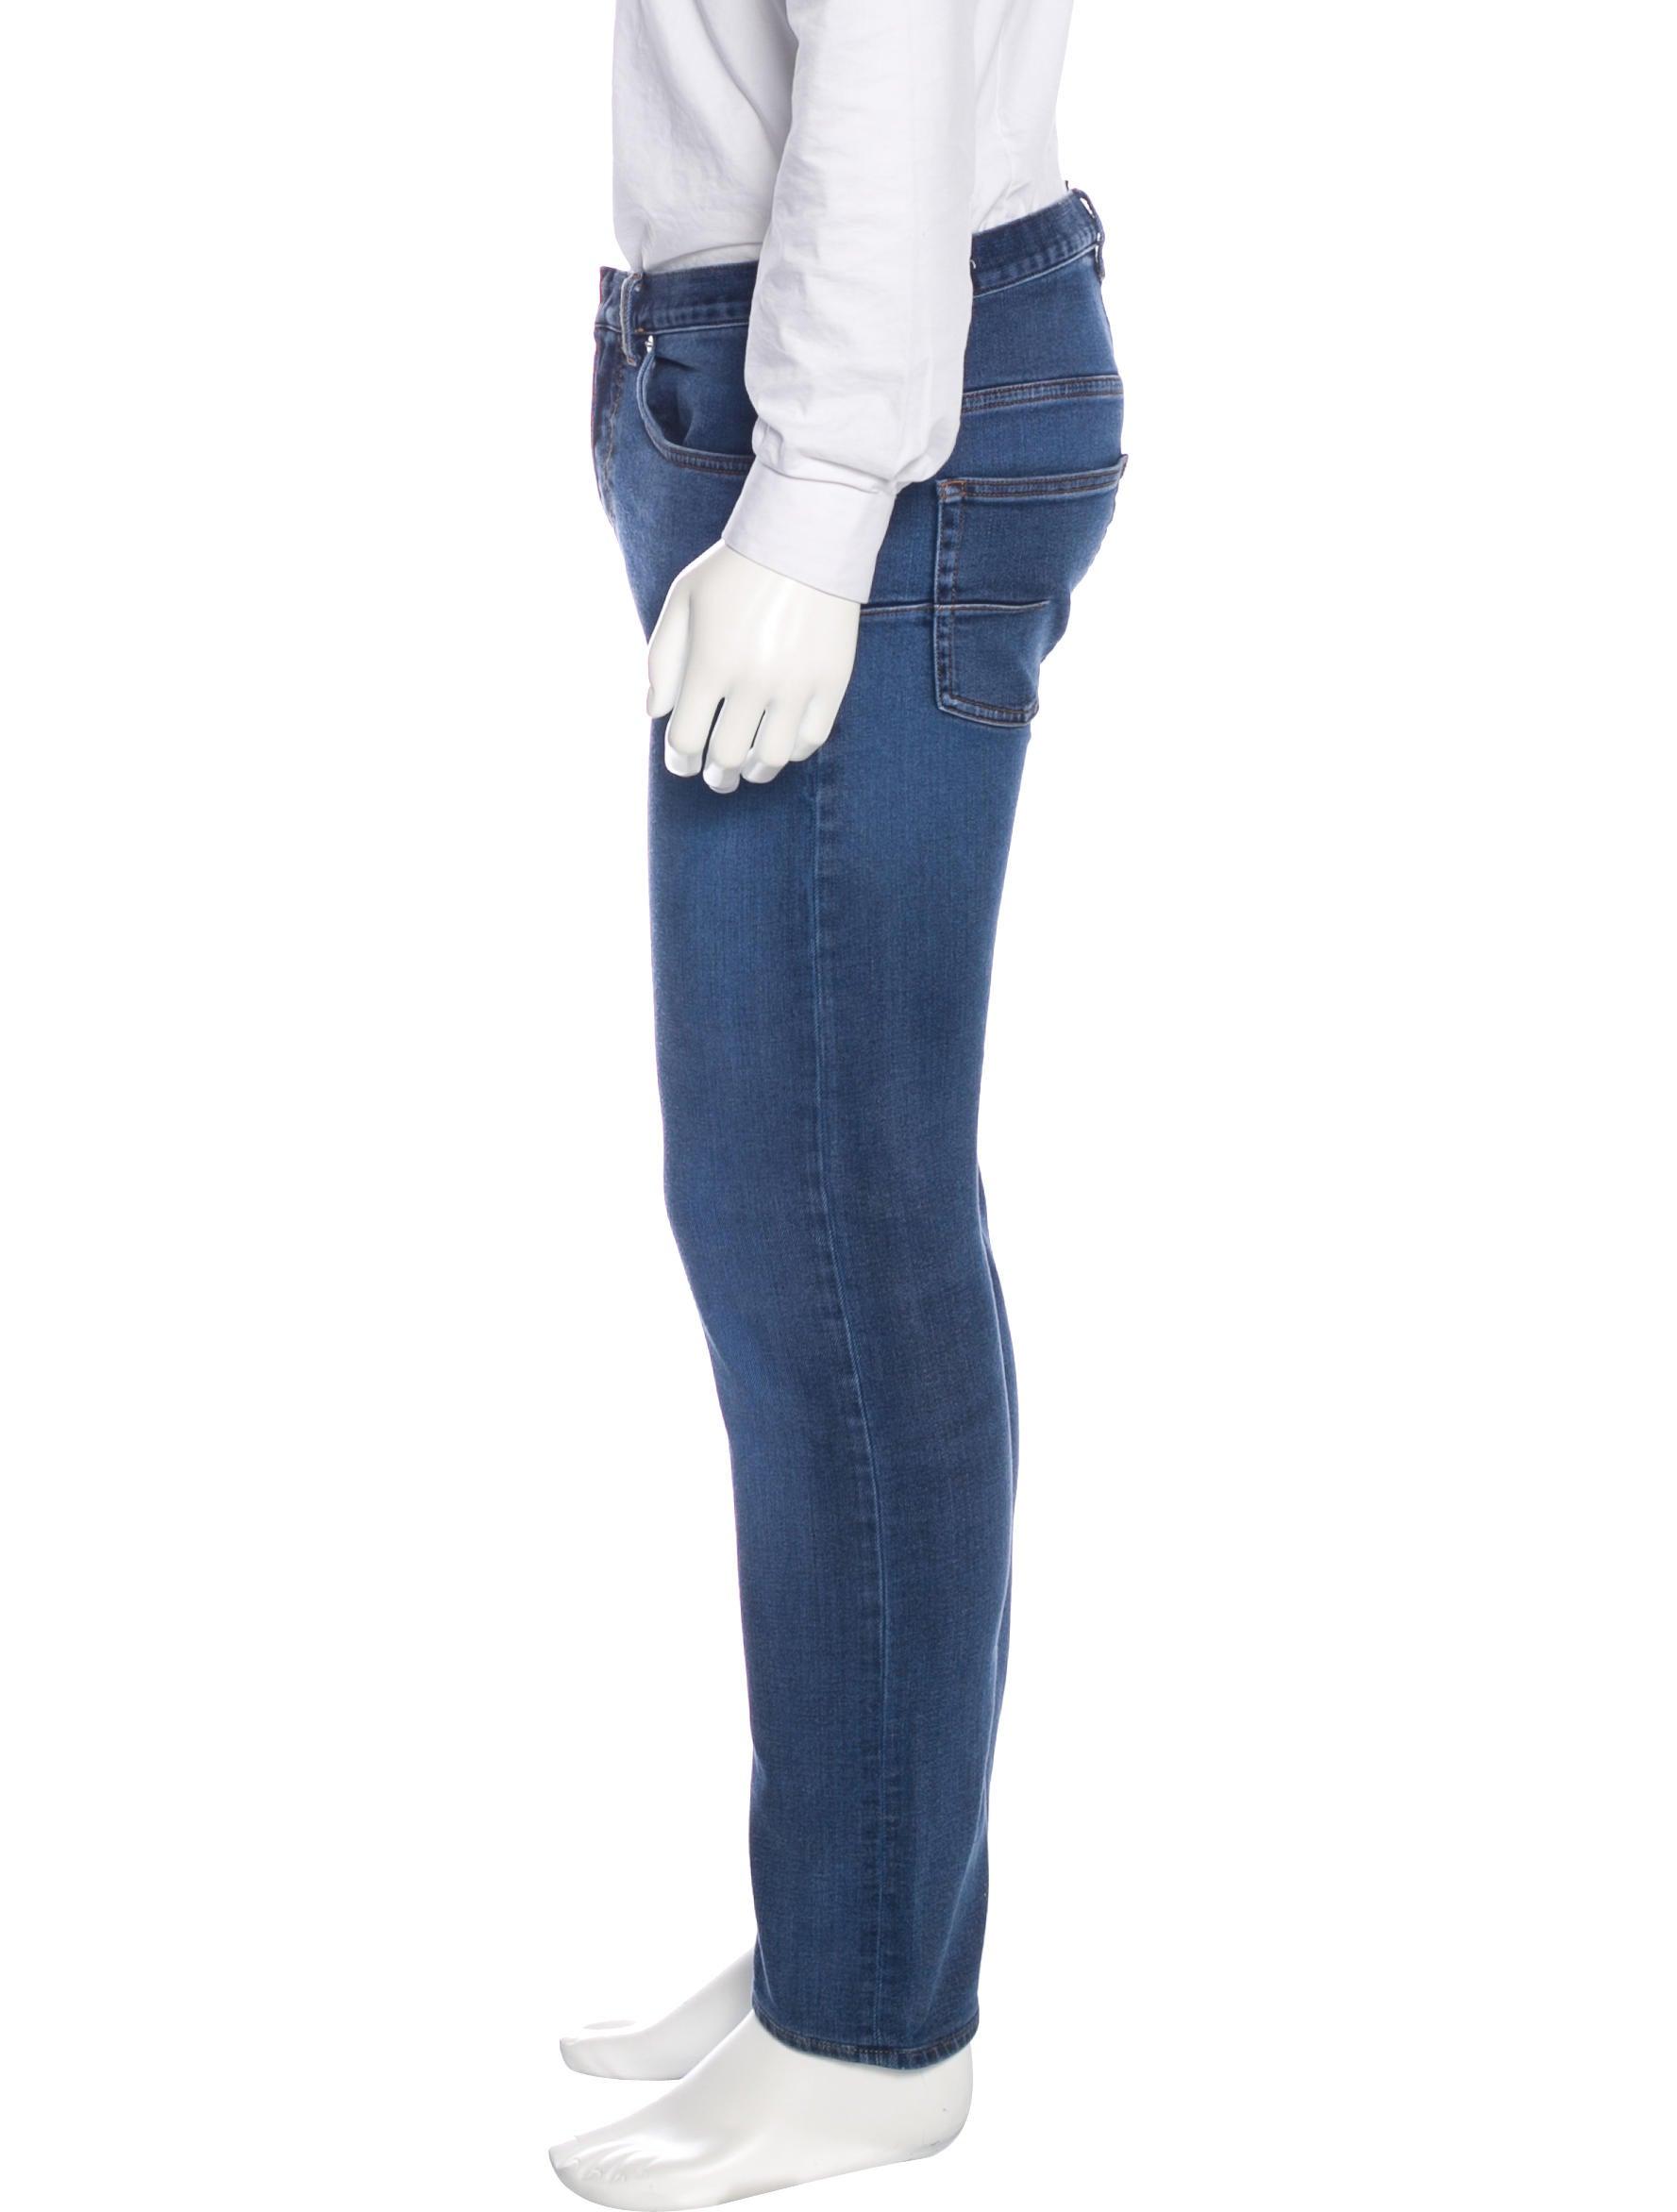 dior homme five pocket skinny jeans clothing hmm23233 the realreal. Black Bedroom Furniture Sets. Home Design Ideas